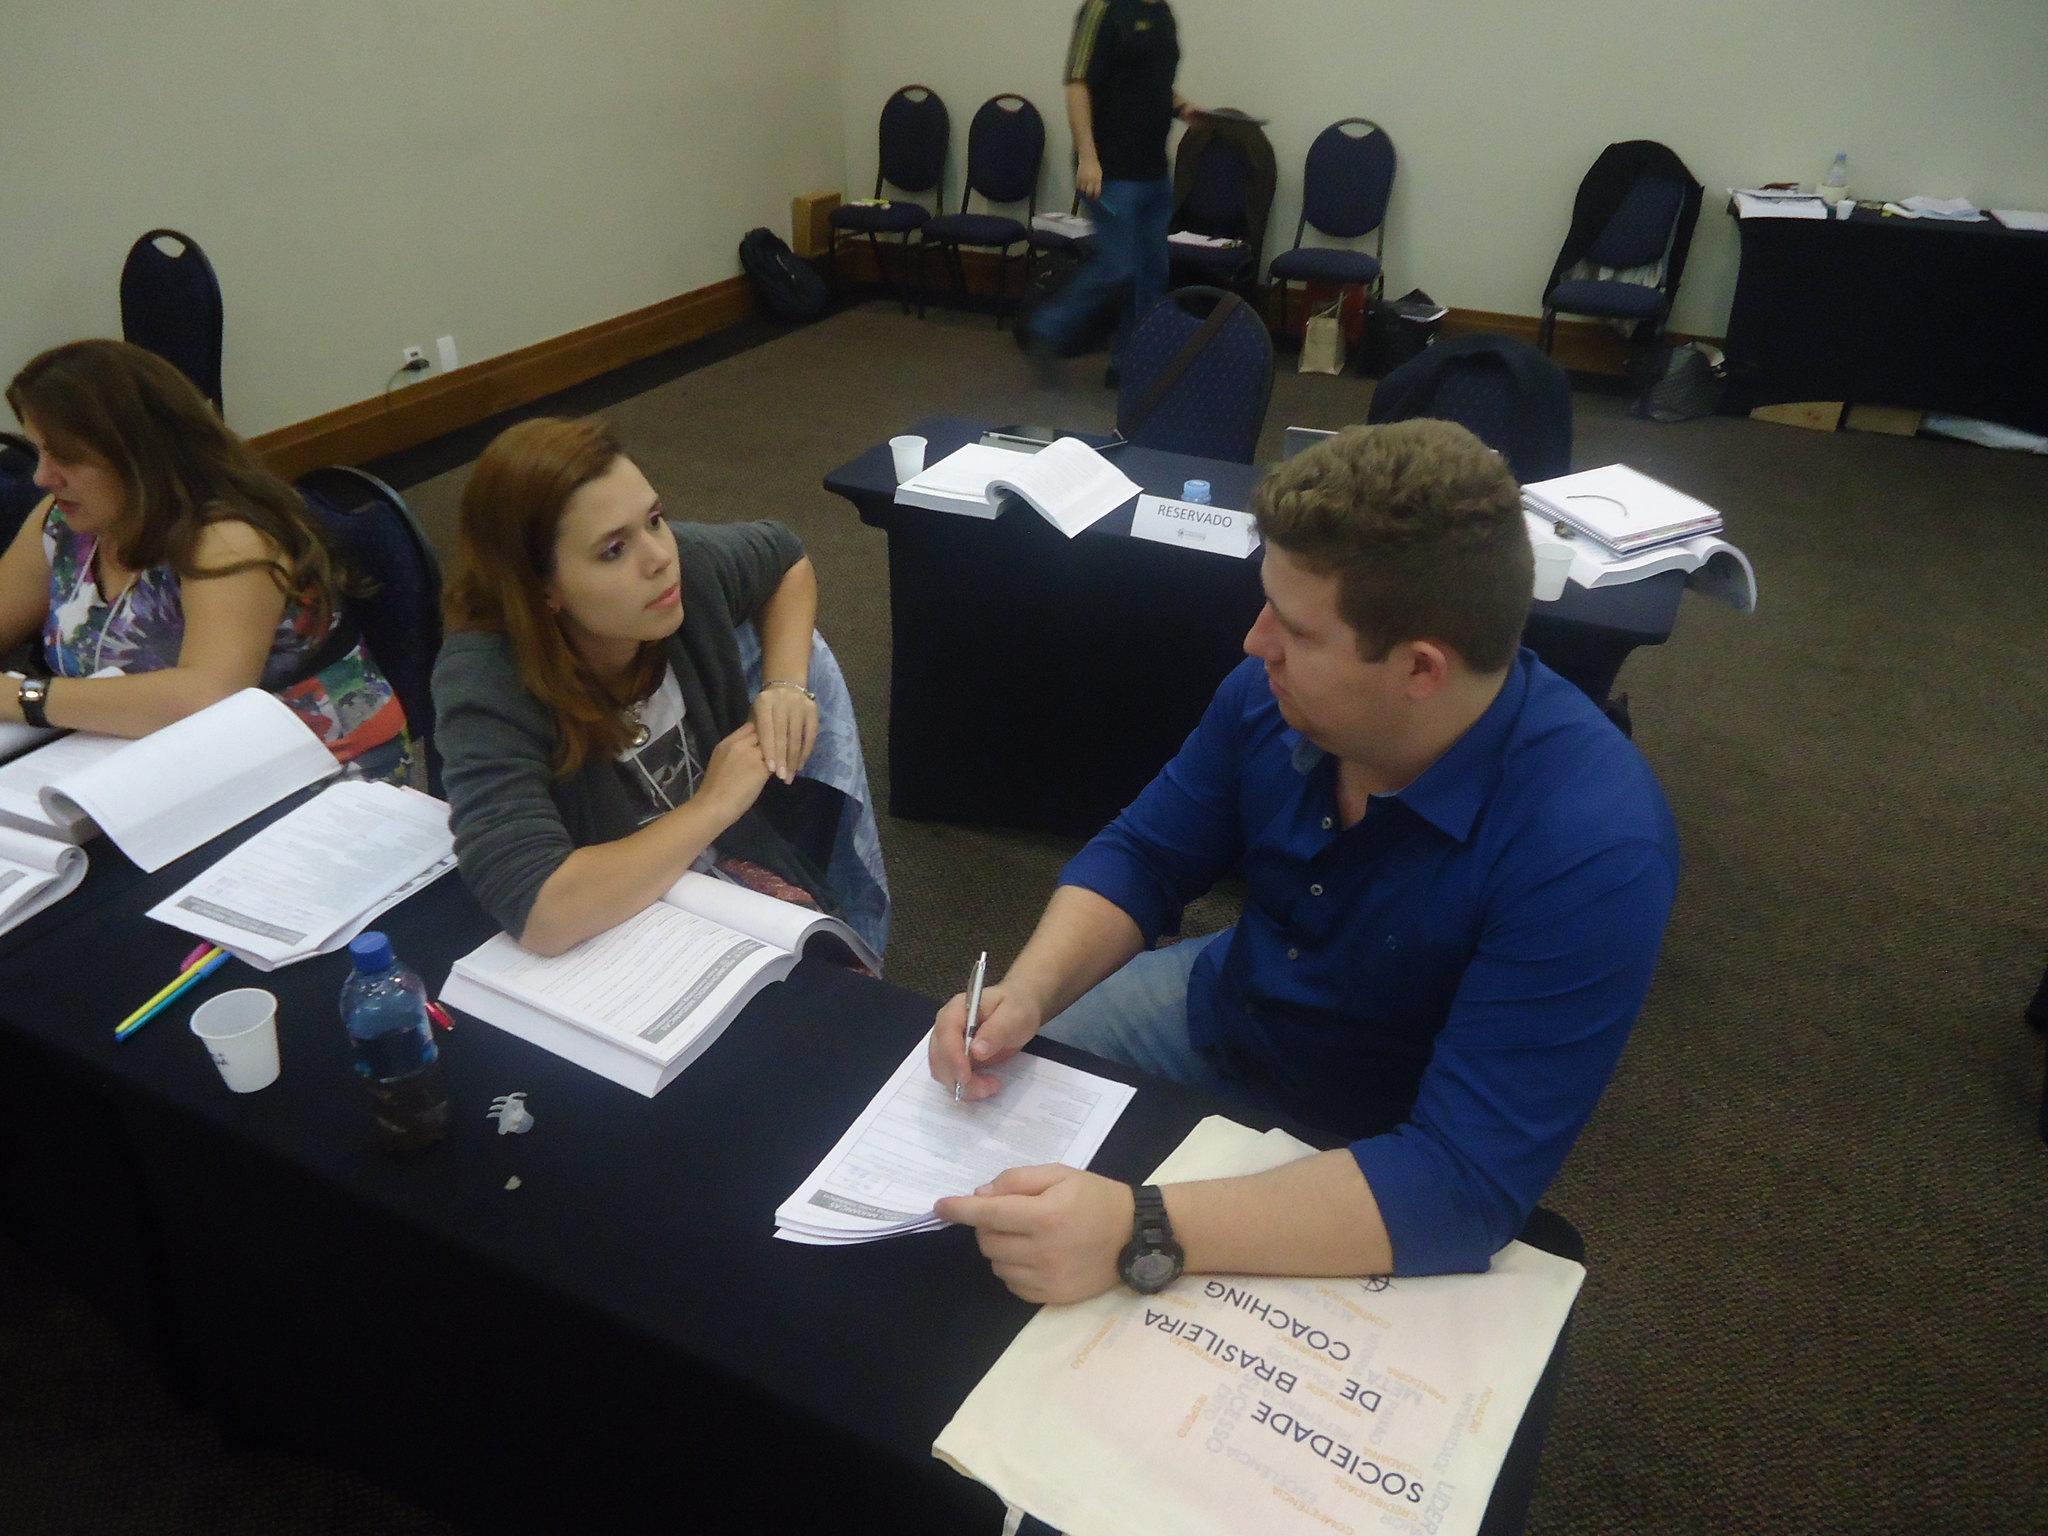 Atividade em dupla durante curso de coaching